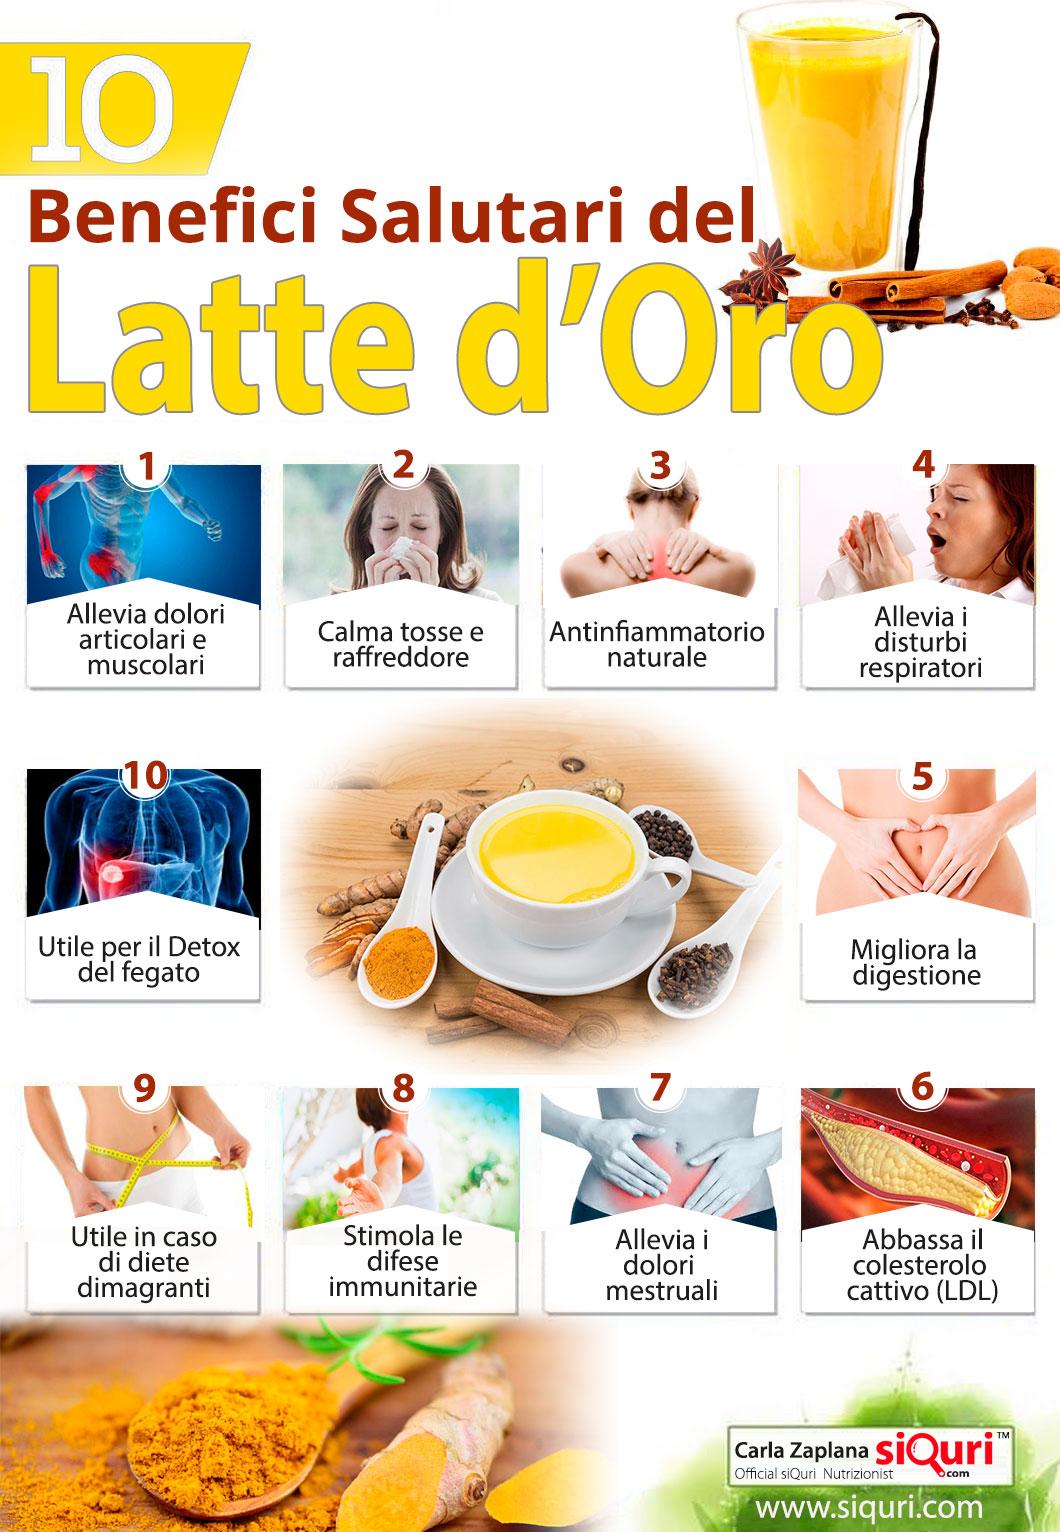 10 proprietà benefiche del latte d'oro alla curcuma